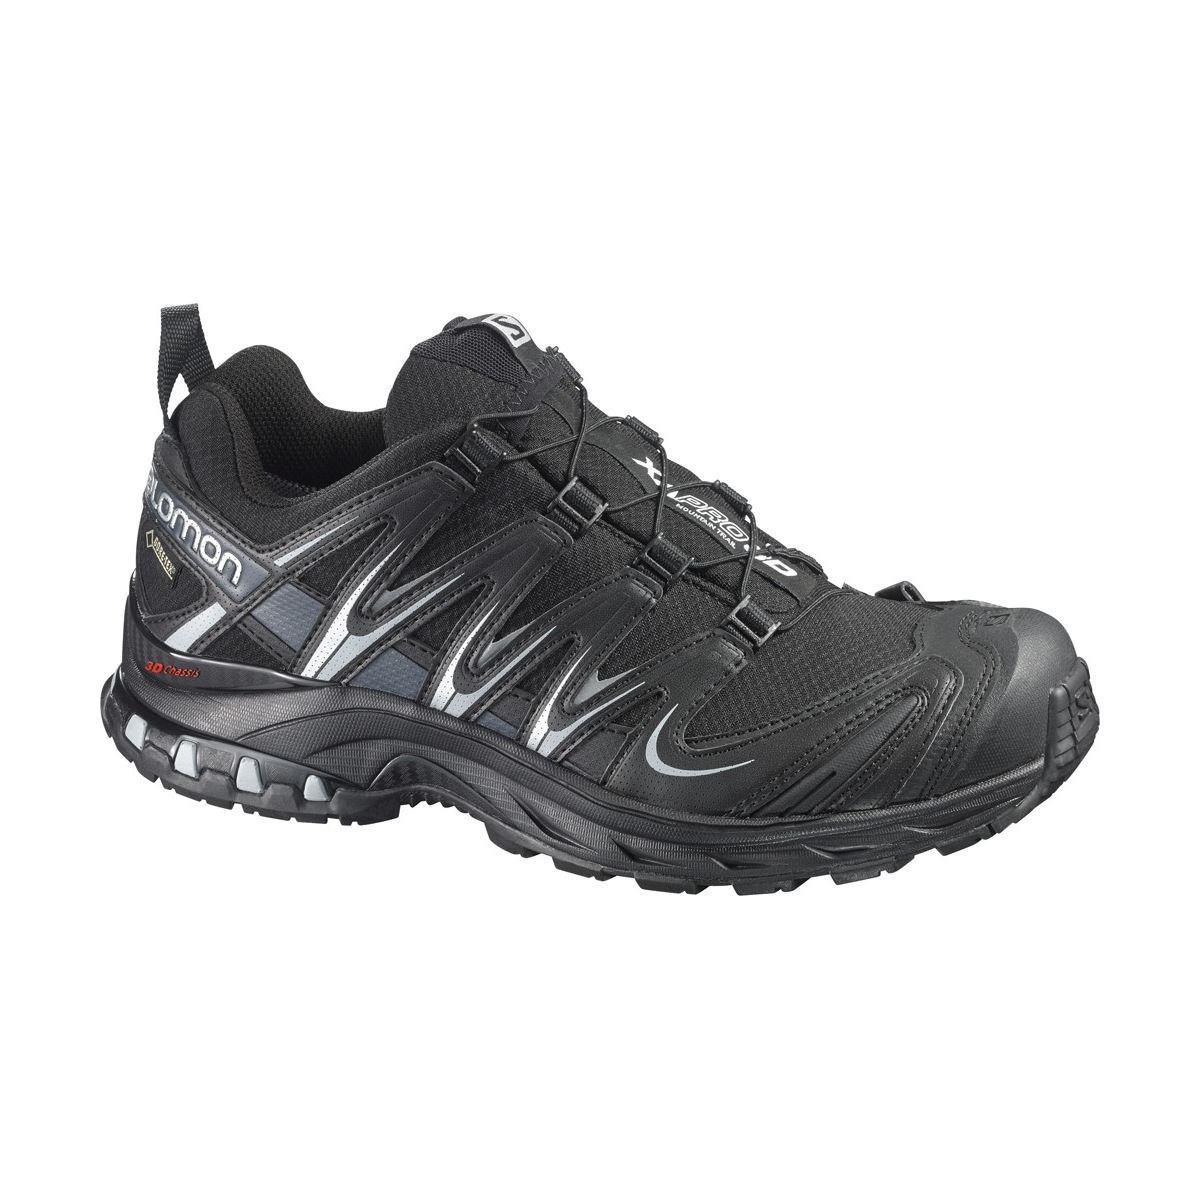 Salomon Xa Pro 3D Gtx Kadın Koşu Ayakkabısı L36679600